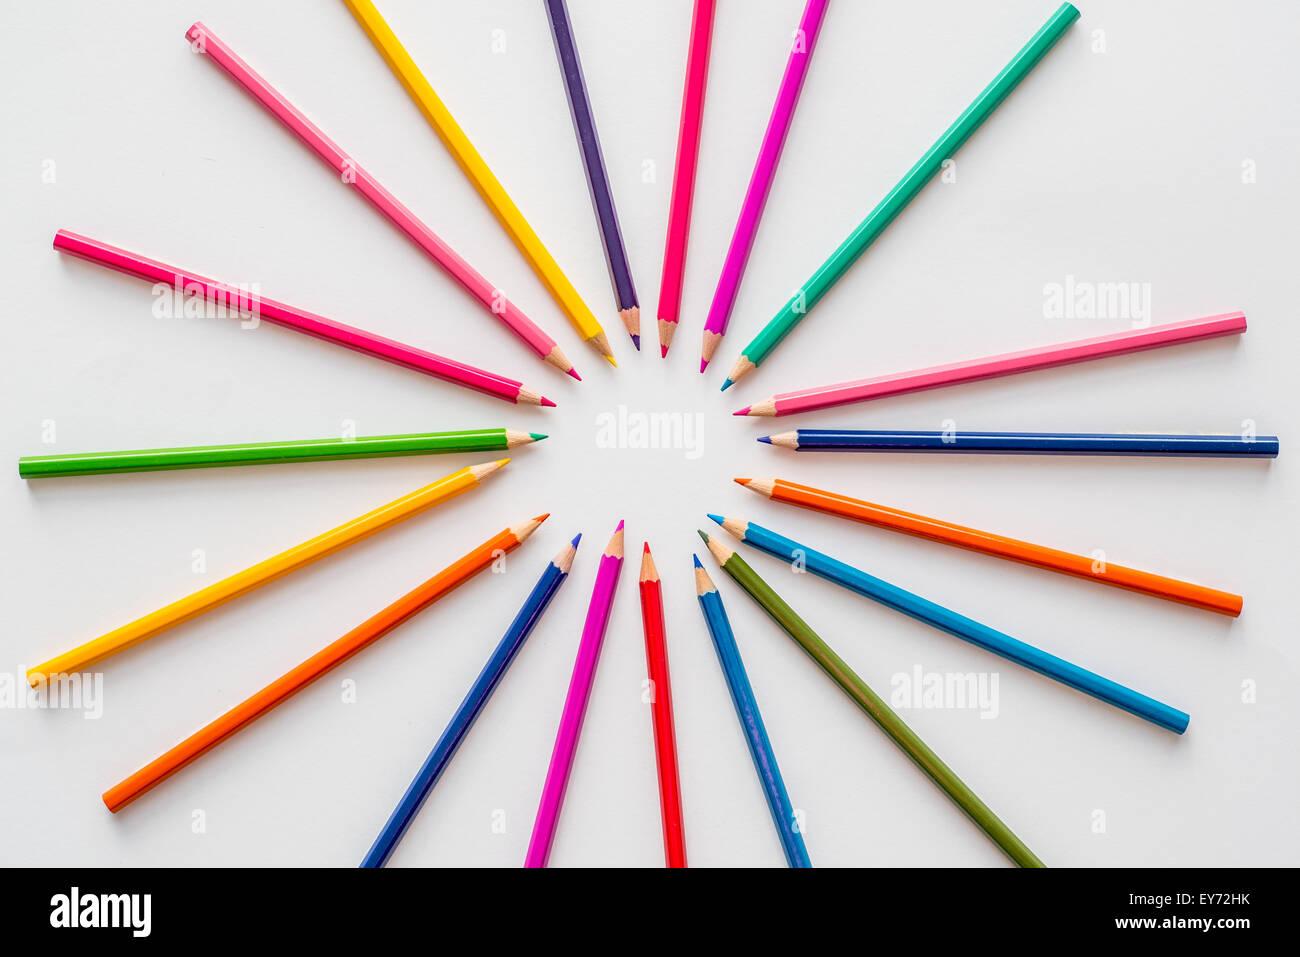 Färbung Bleistifte gruppieren sich um eine grobe Kreismittelpunkt Stockbild